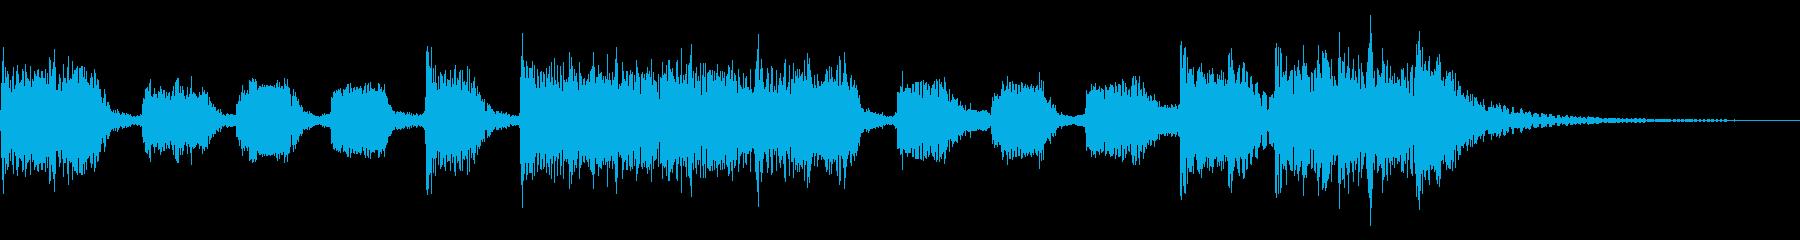 インパクトあるロックなジングル12の再生済みの波形